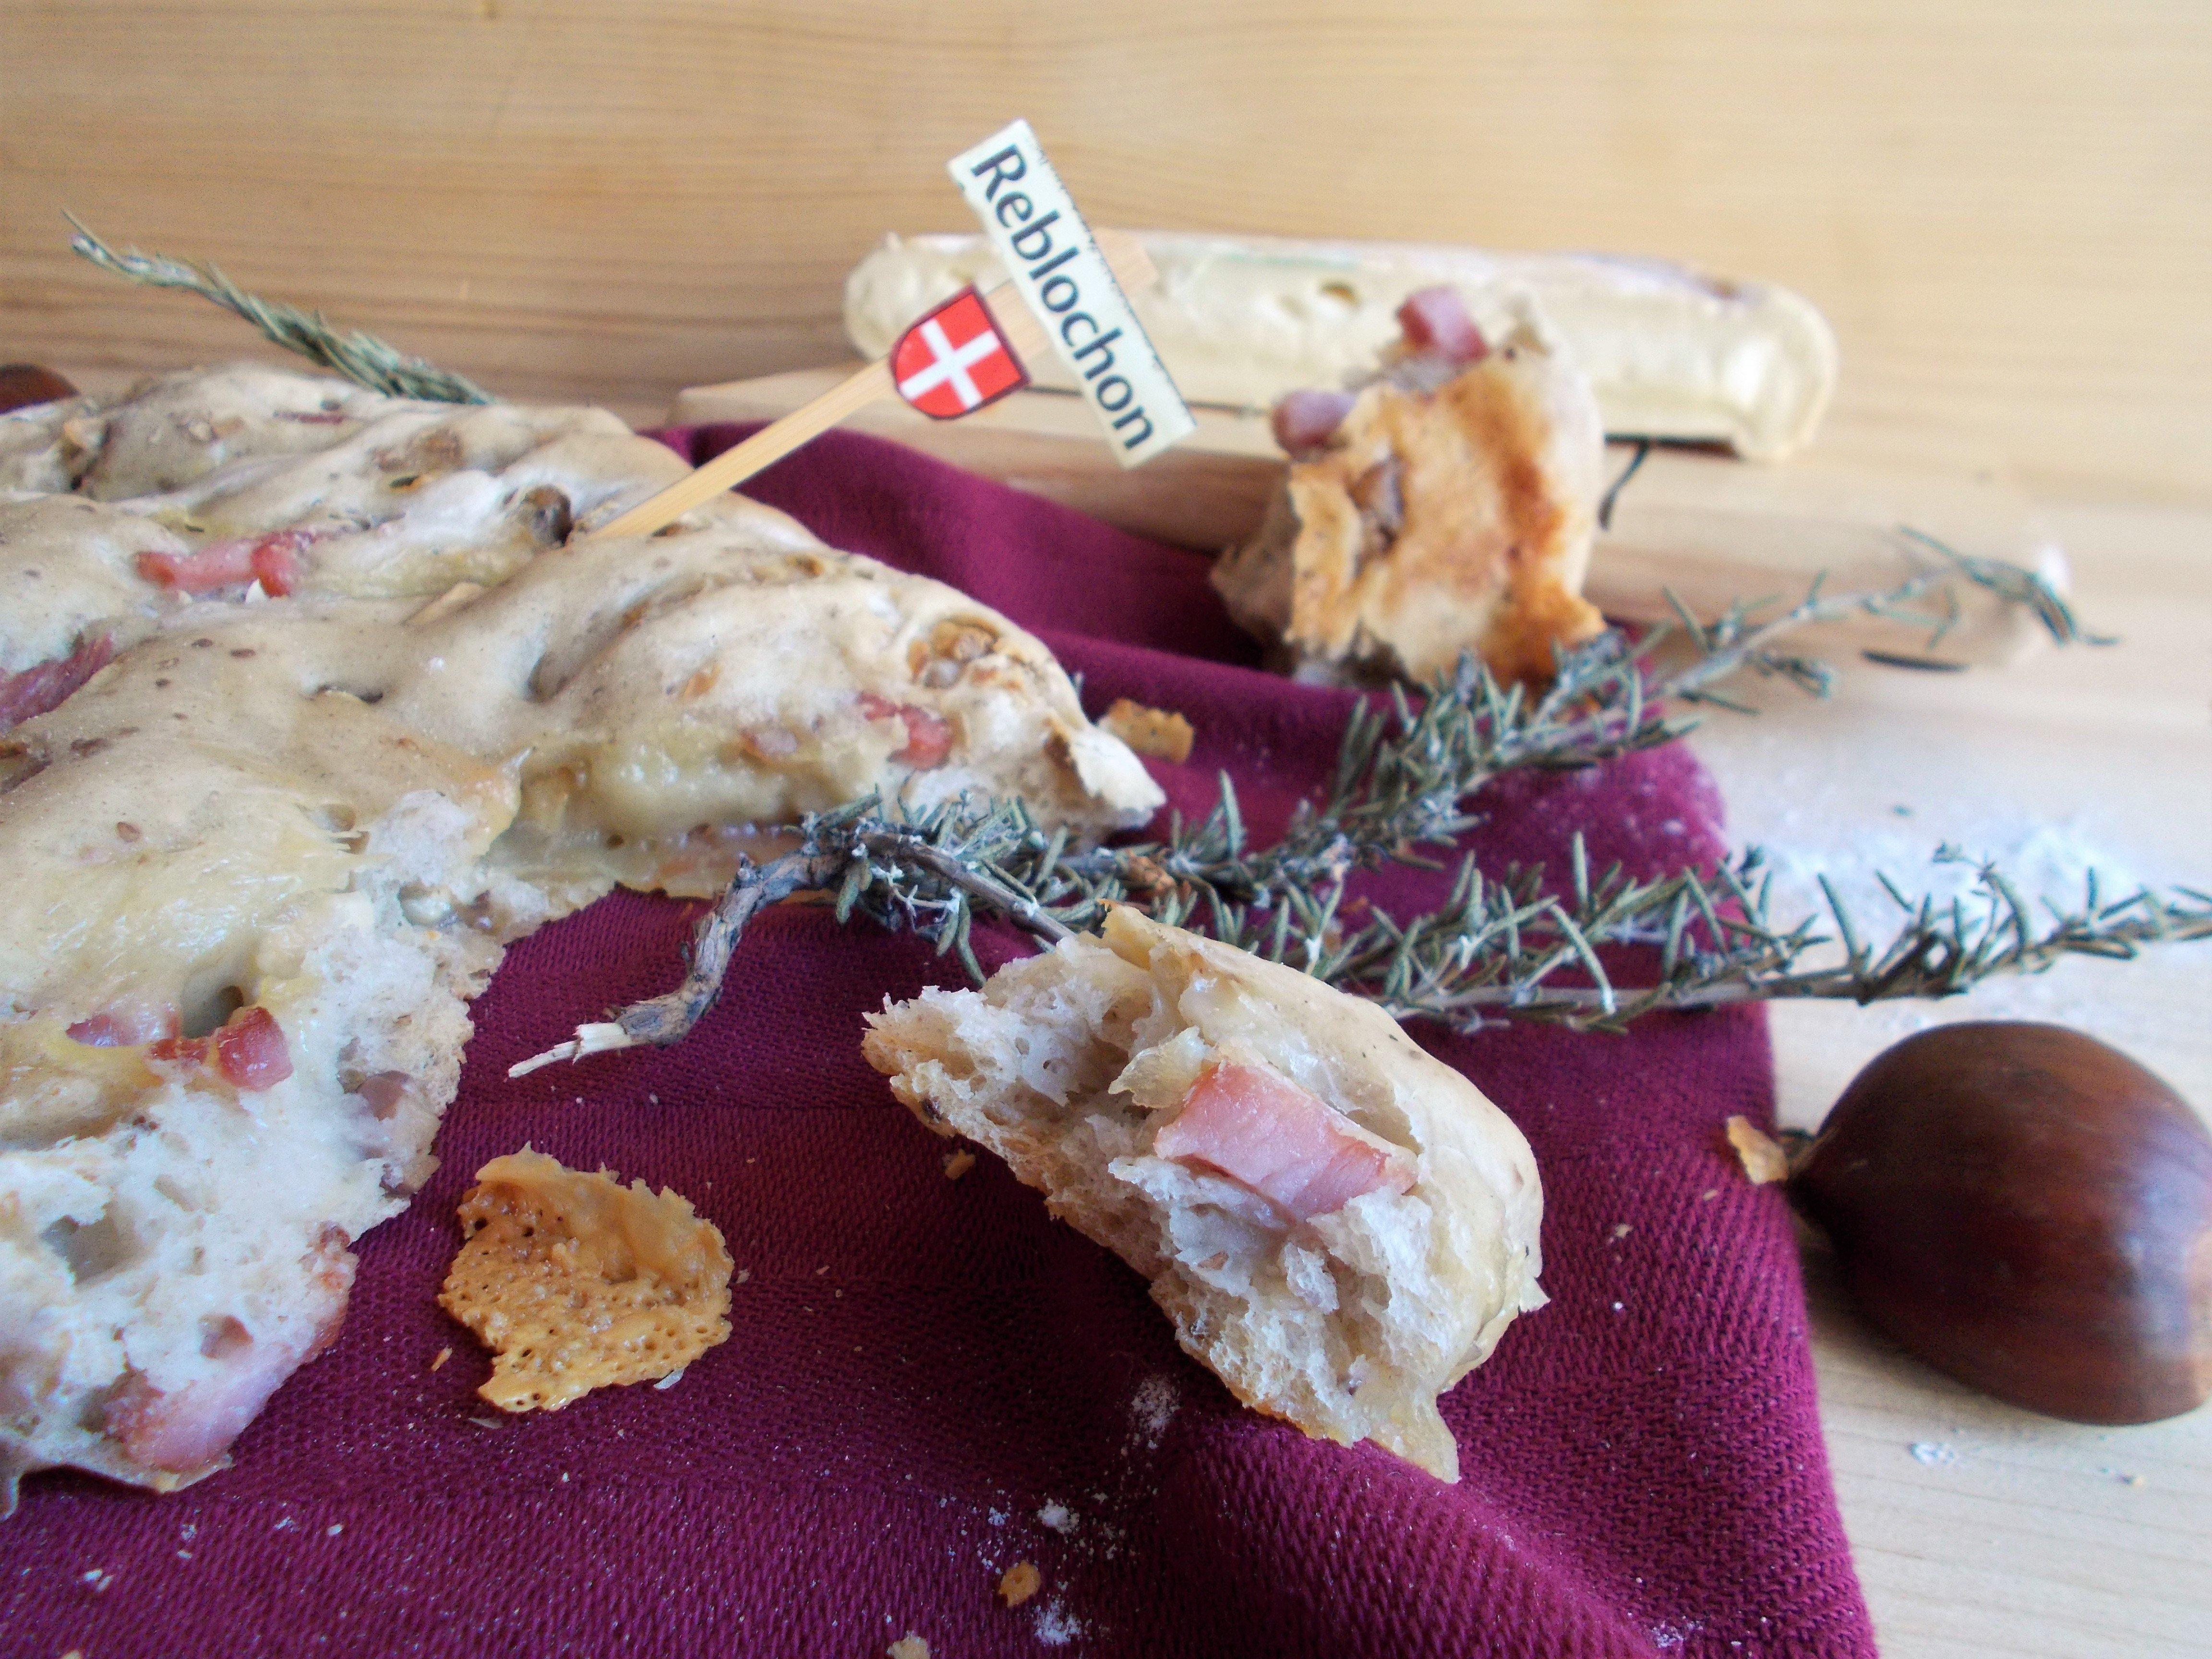 Fougasse au seigle : Reblochon, châtaigne et lardons